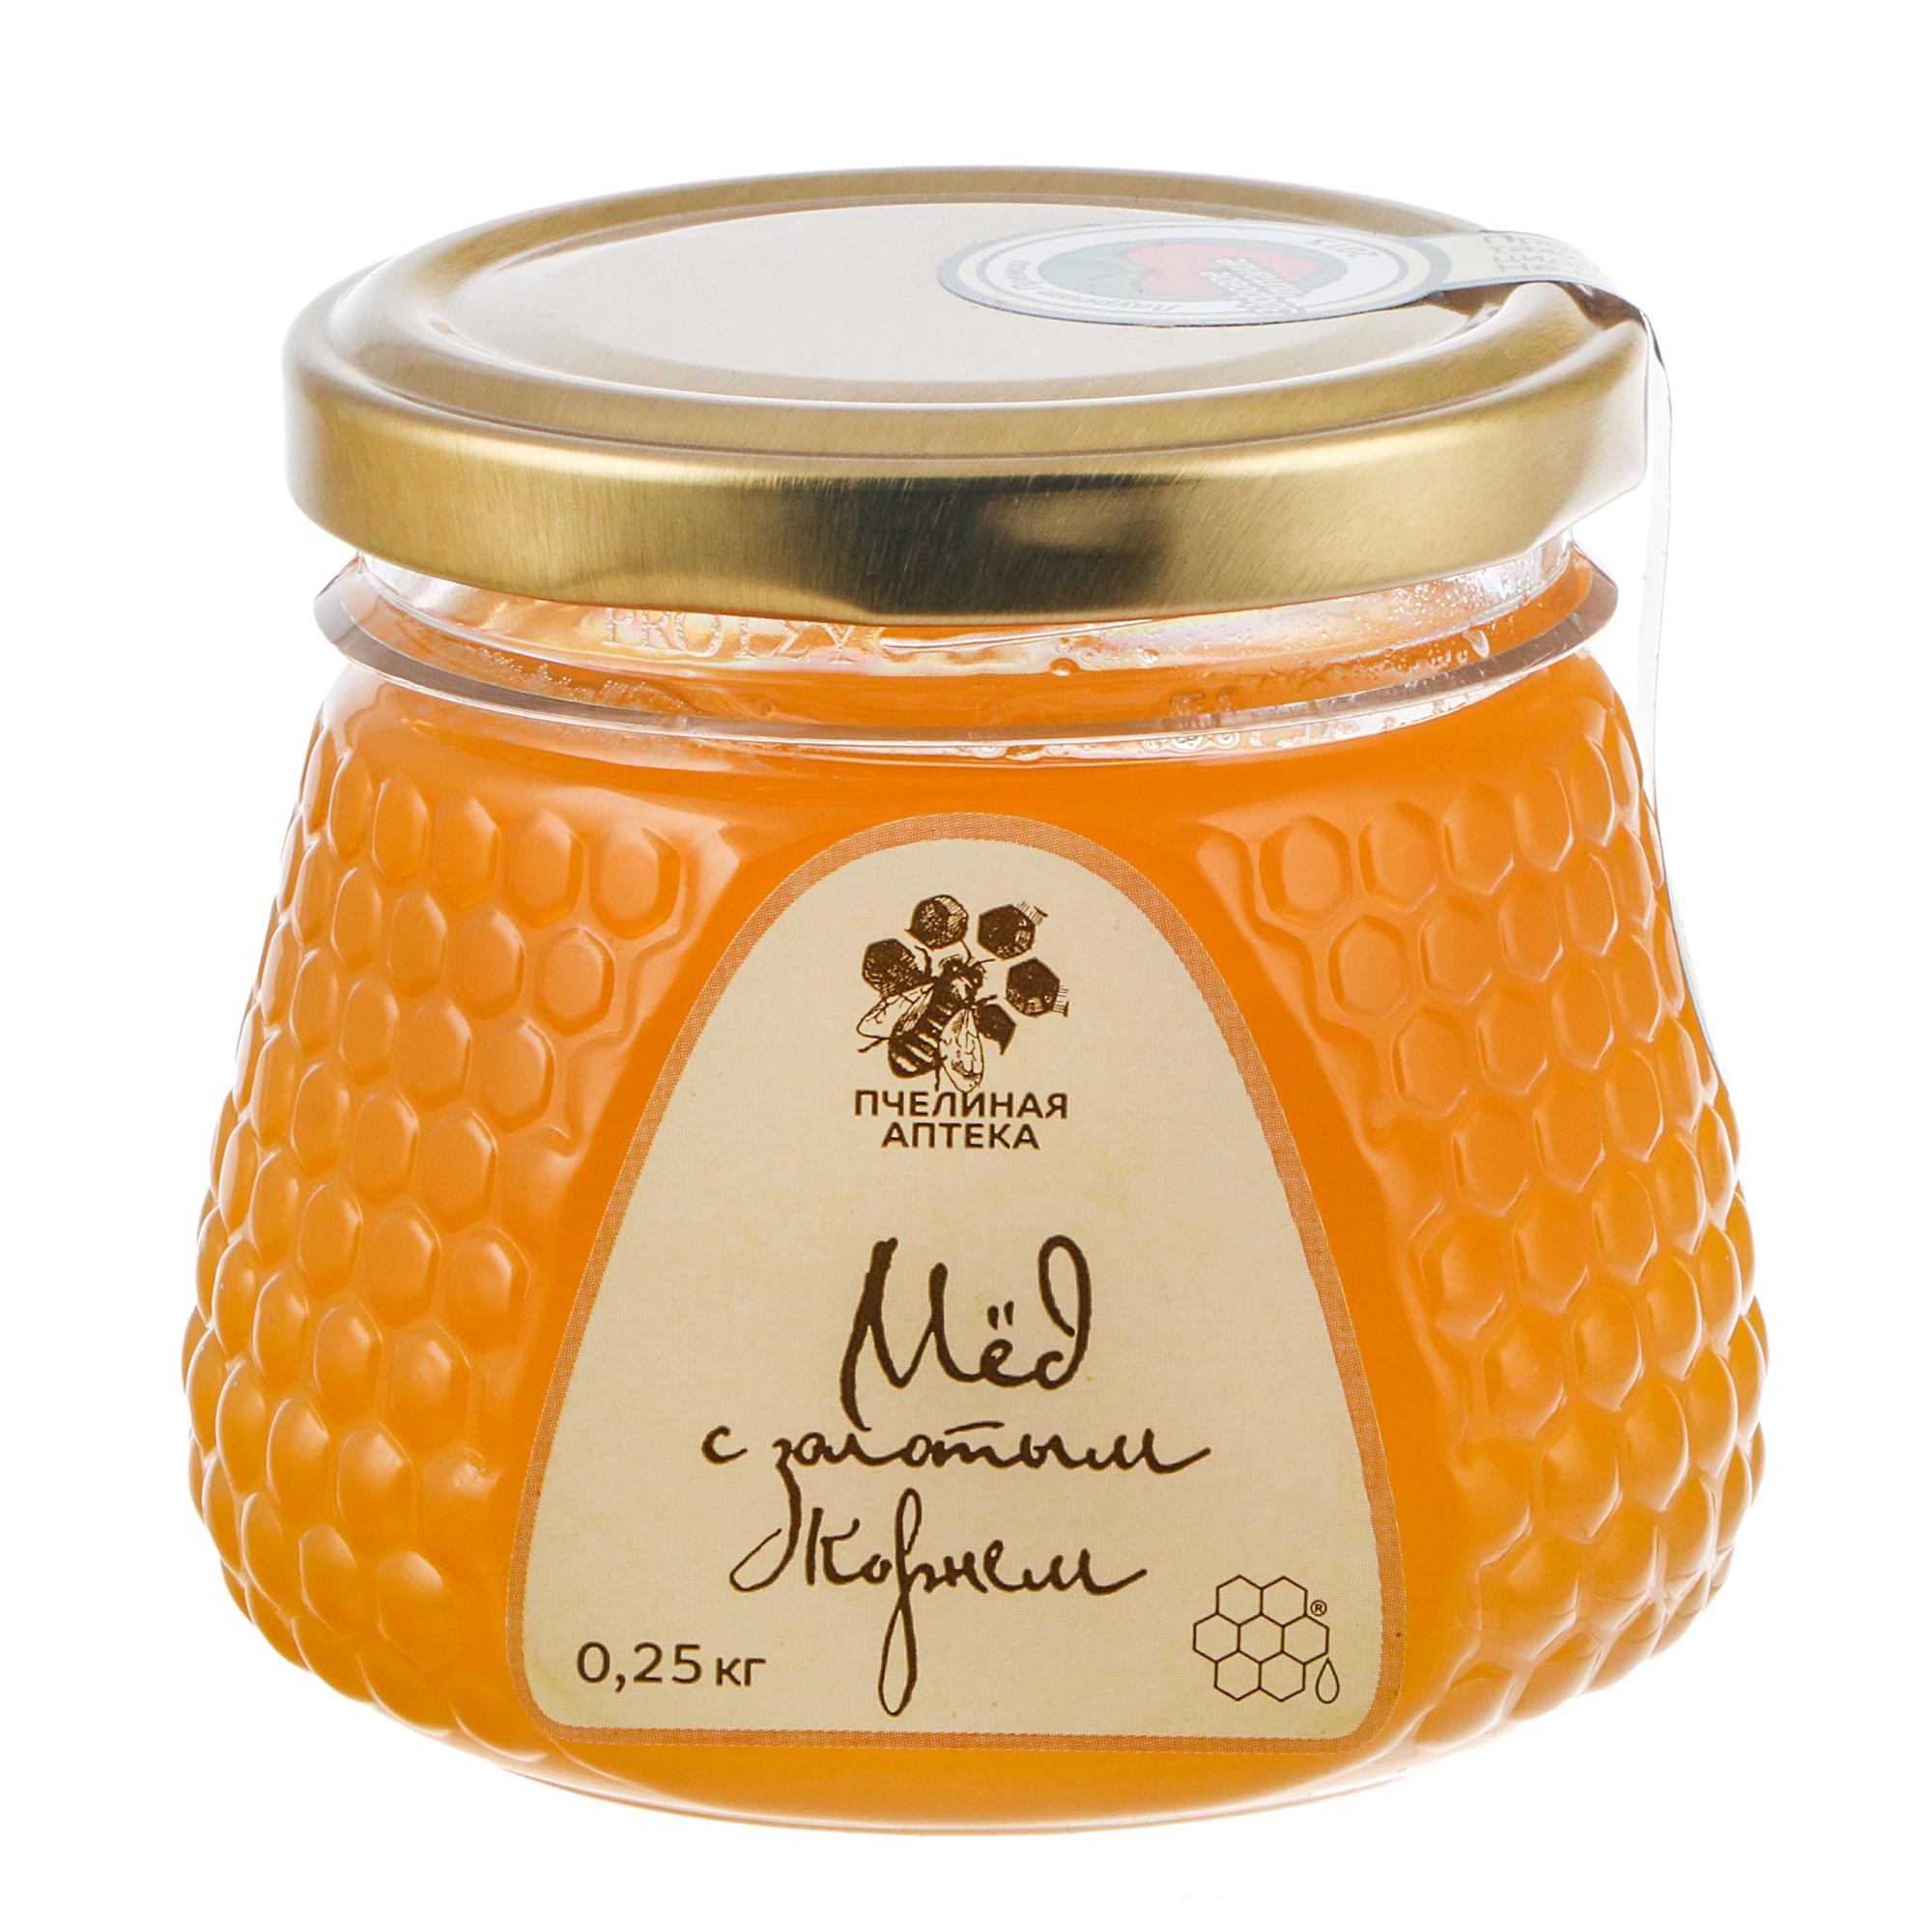 Мед Пчелиная аптека с золотым корнем 250 г